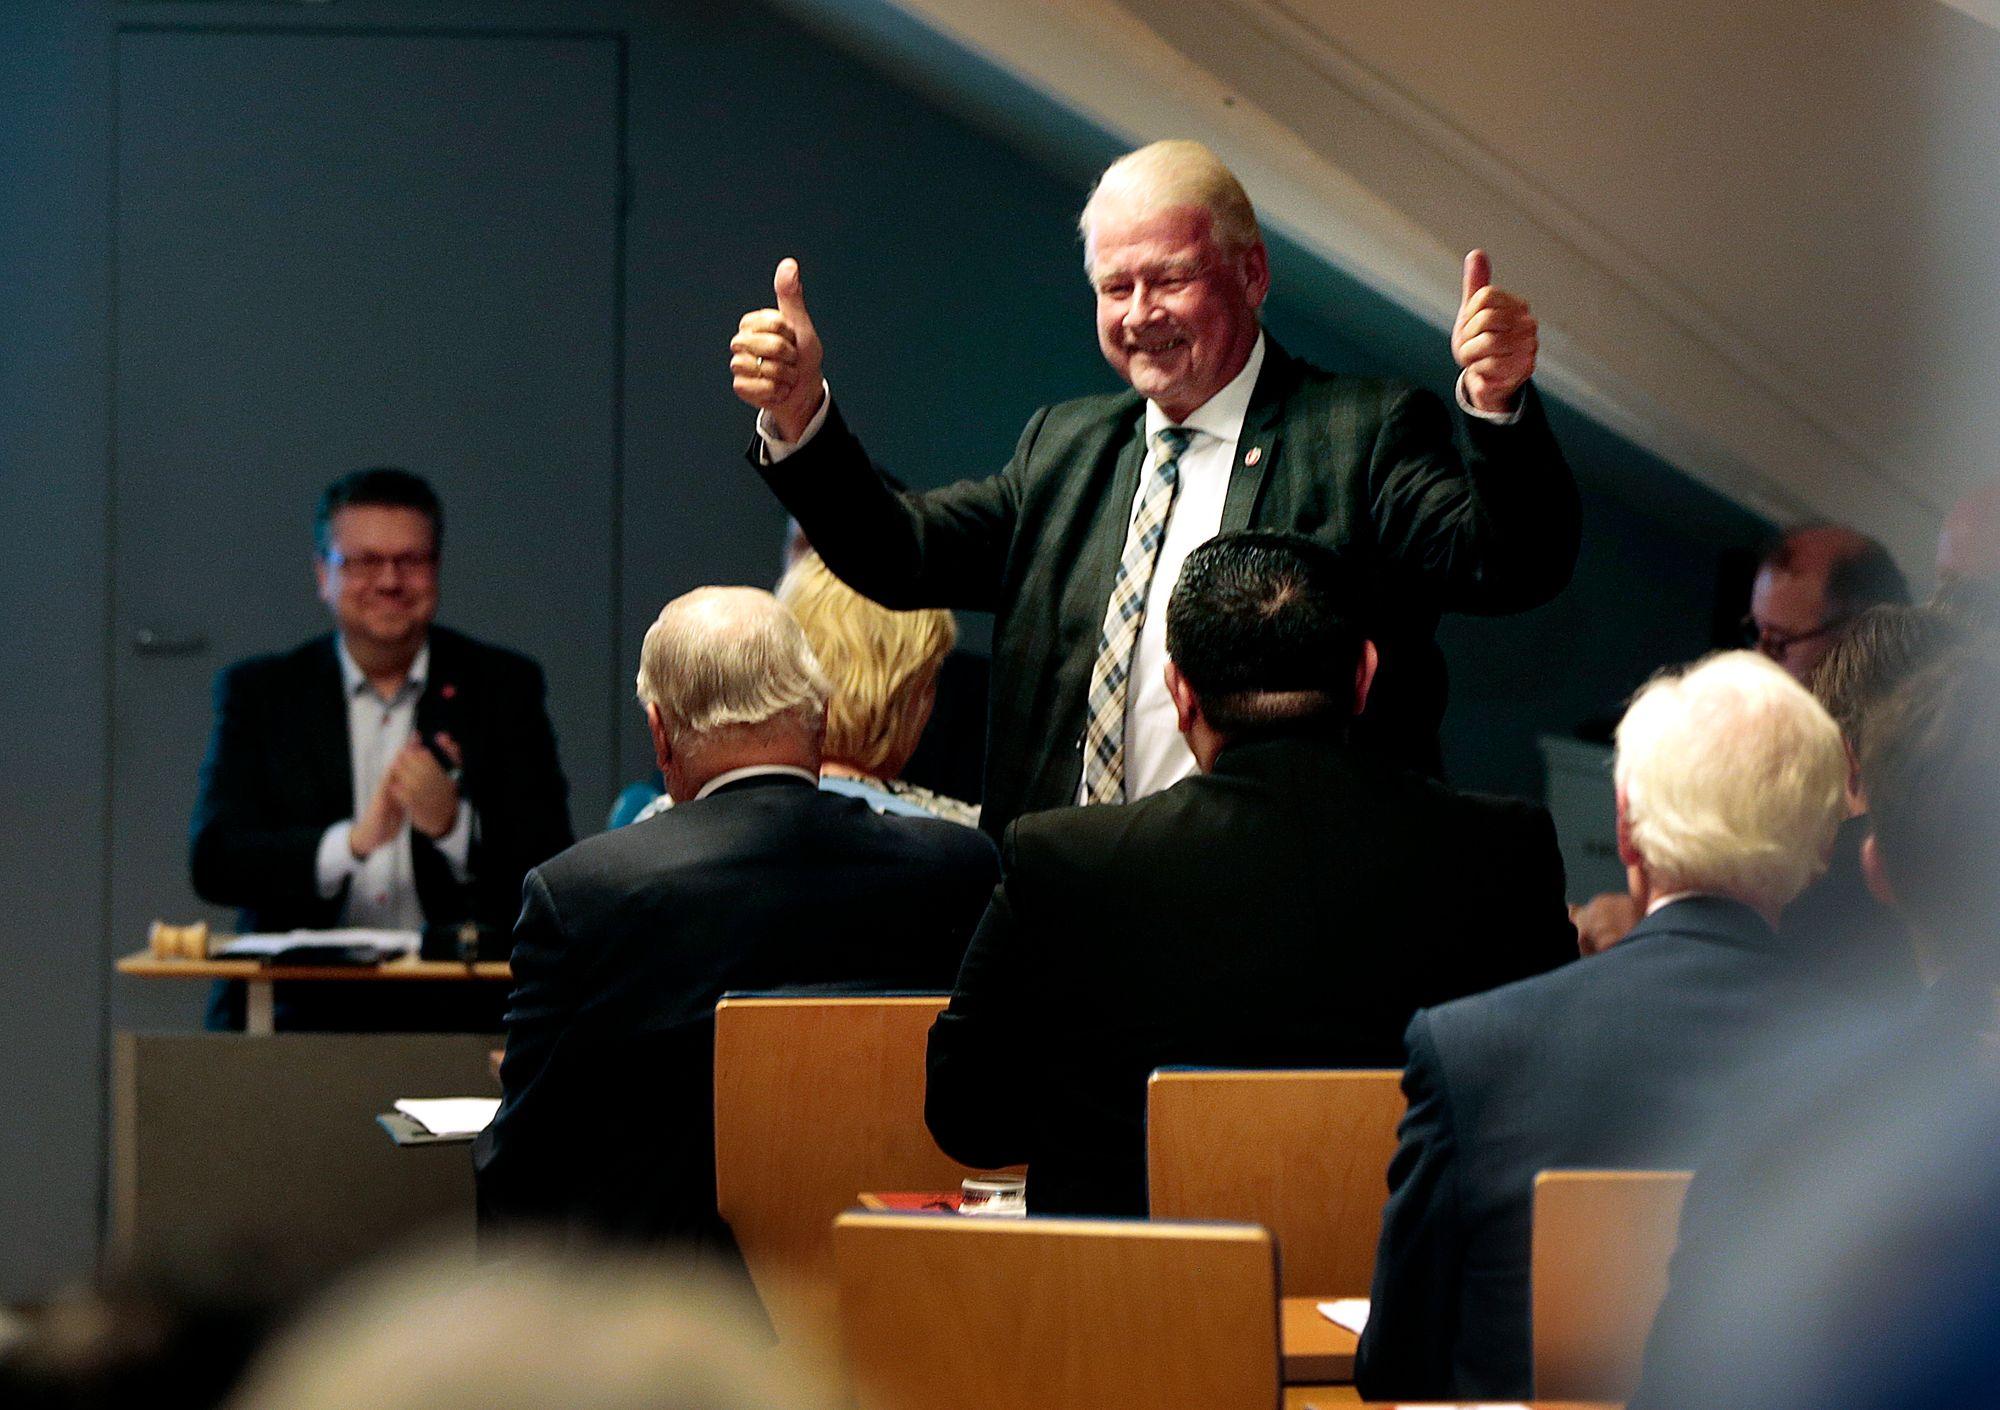 Carl I. Hagen deltar på nominasjonsmøte til Oslo Frp på partikontoret til FrP i Oslo mandag kveld. Foto: Lise Åserud / NTB scanpix.